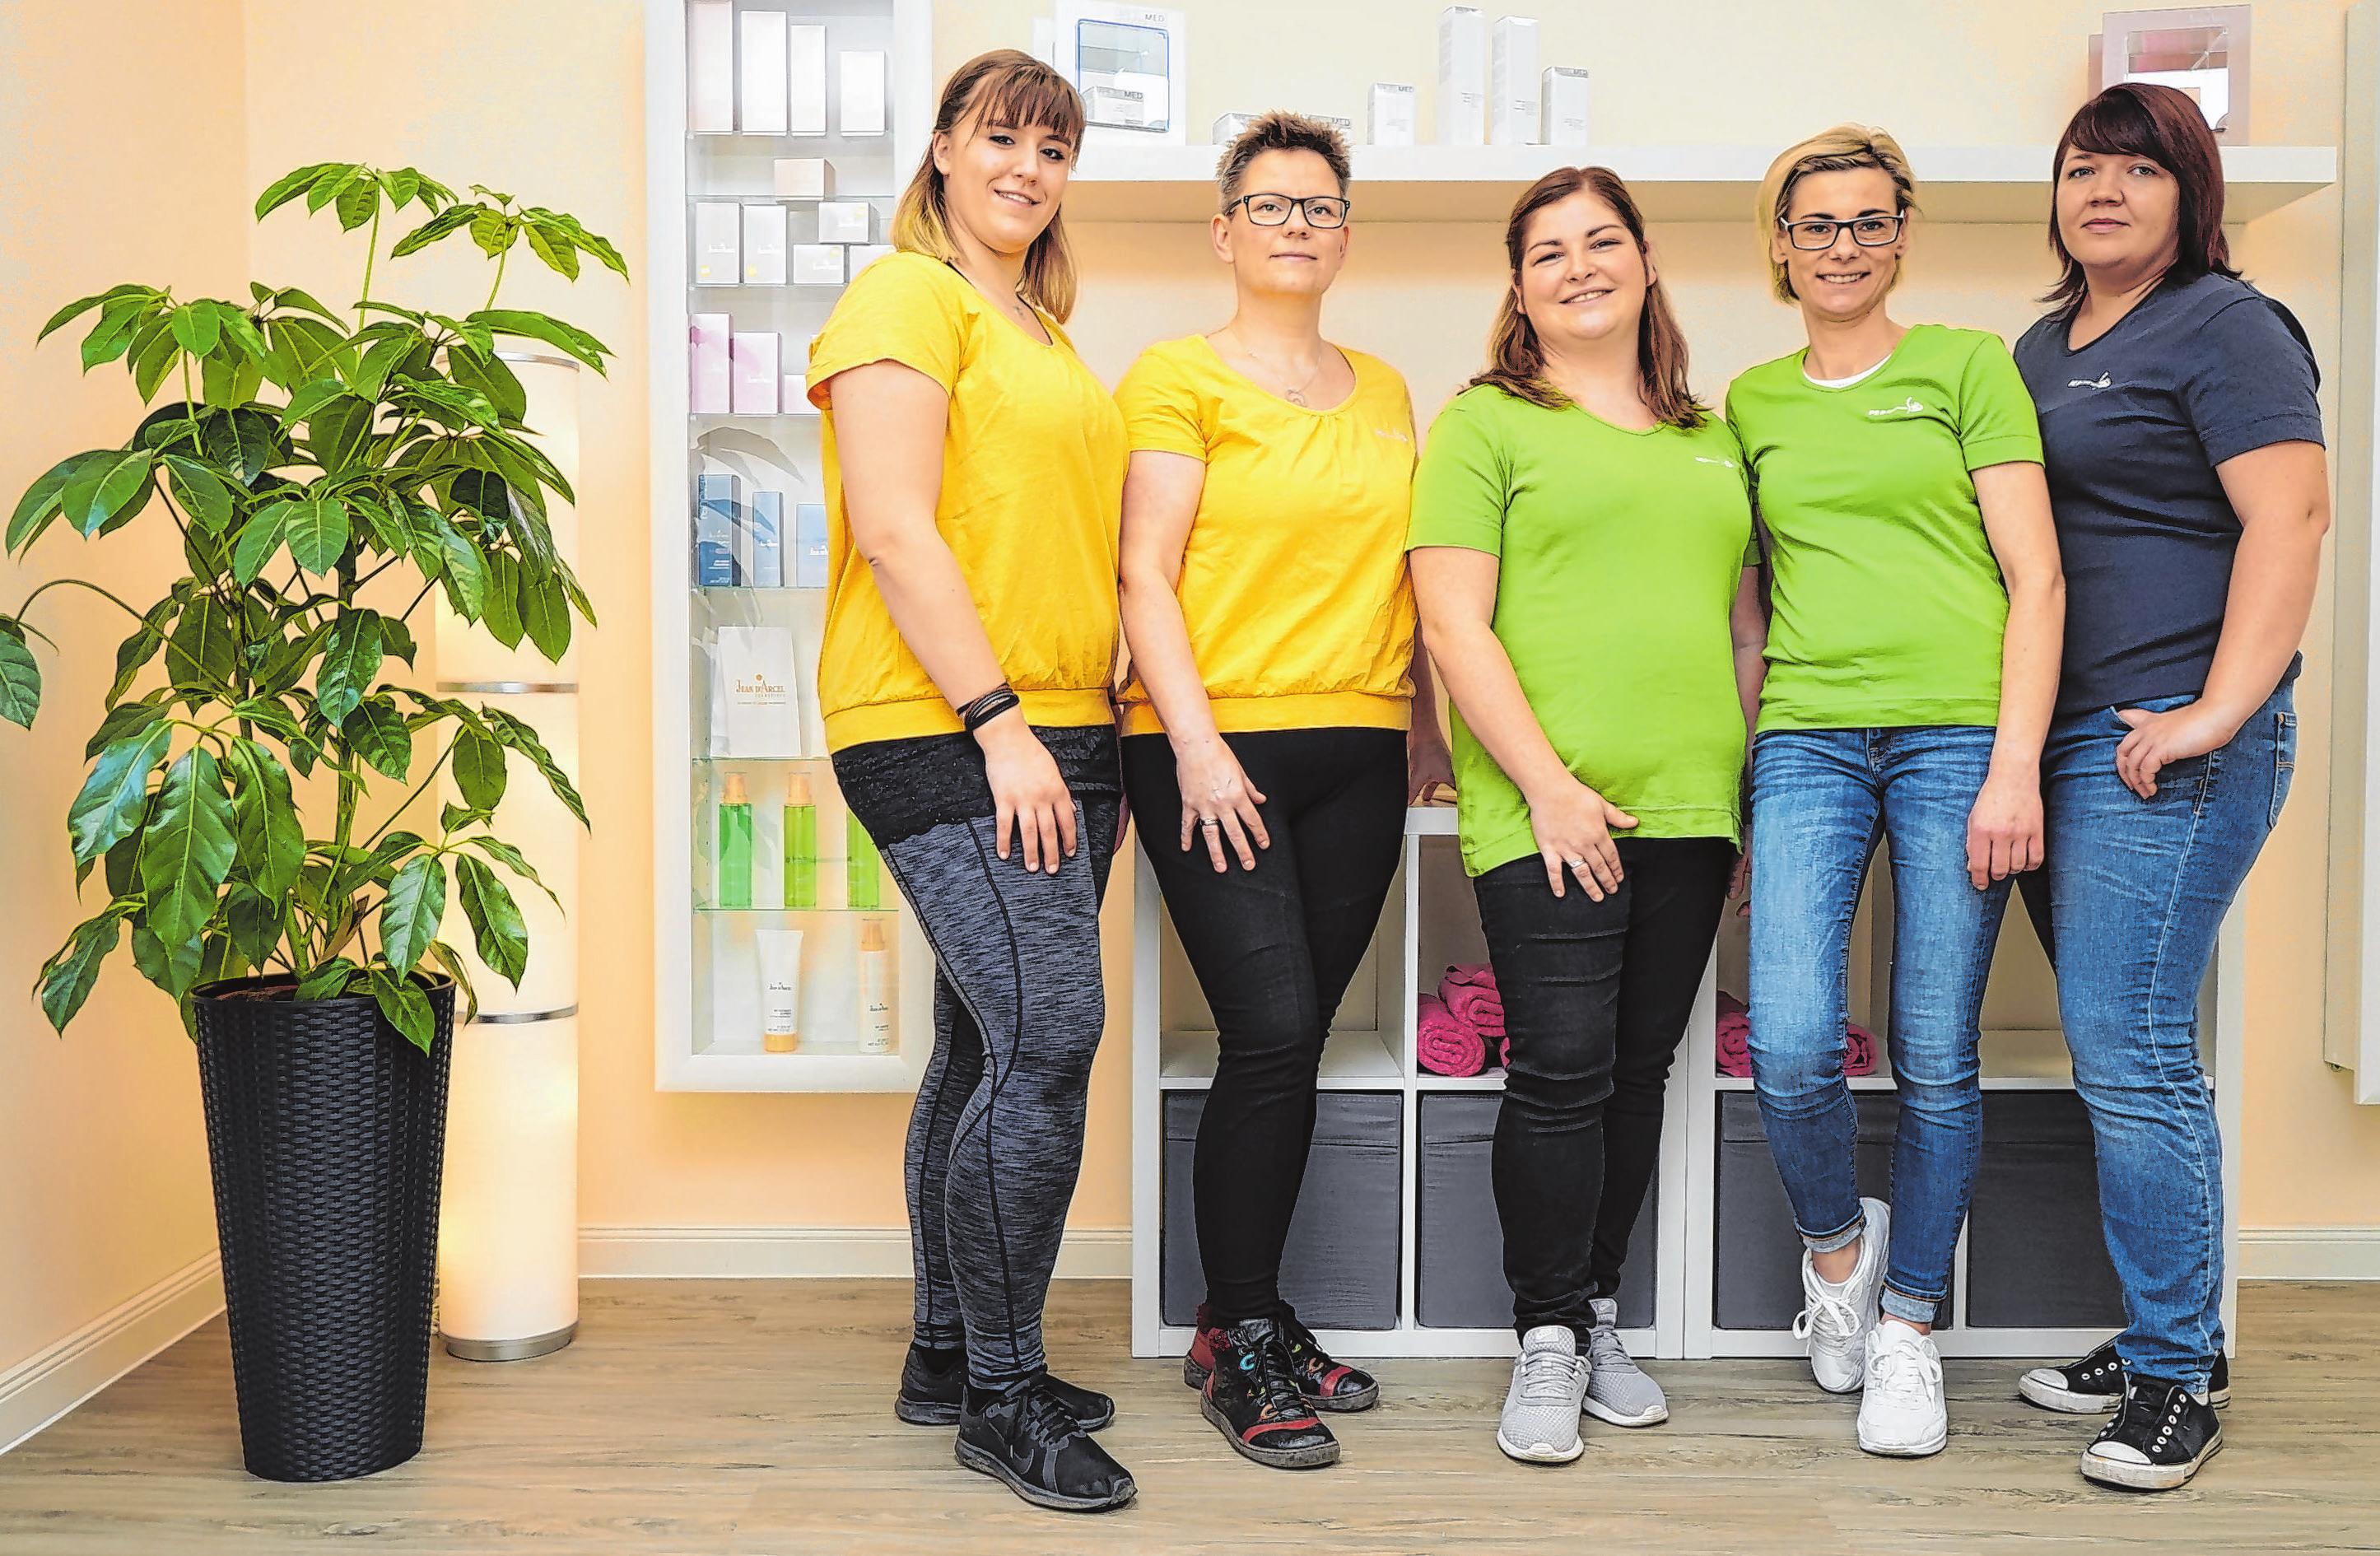 Das Team des PEP Zentrums freut sich darauf, Kunden und Patienten in den neuen Räumen begrüßen zu dürfen: (v. l. n. r.) Dorothea Scheumann, Kristin Schmidt, Inhaberin Susan Sicker, Carolin Hoever und Bianca Fröhlich. Fotos (2): Andrea Steinert